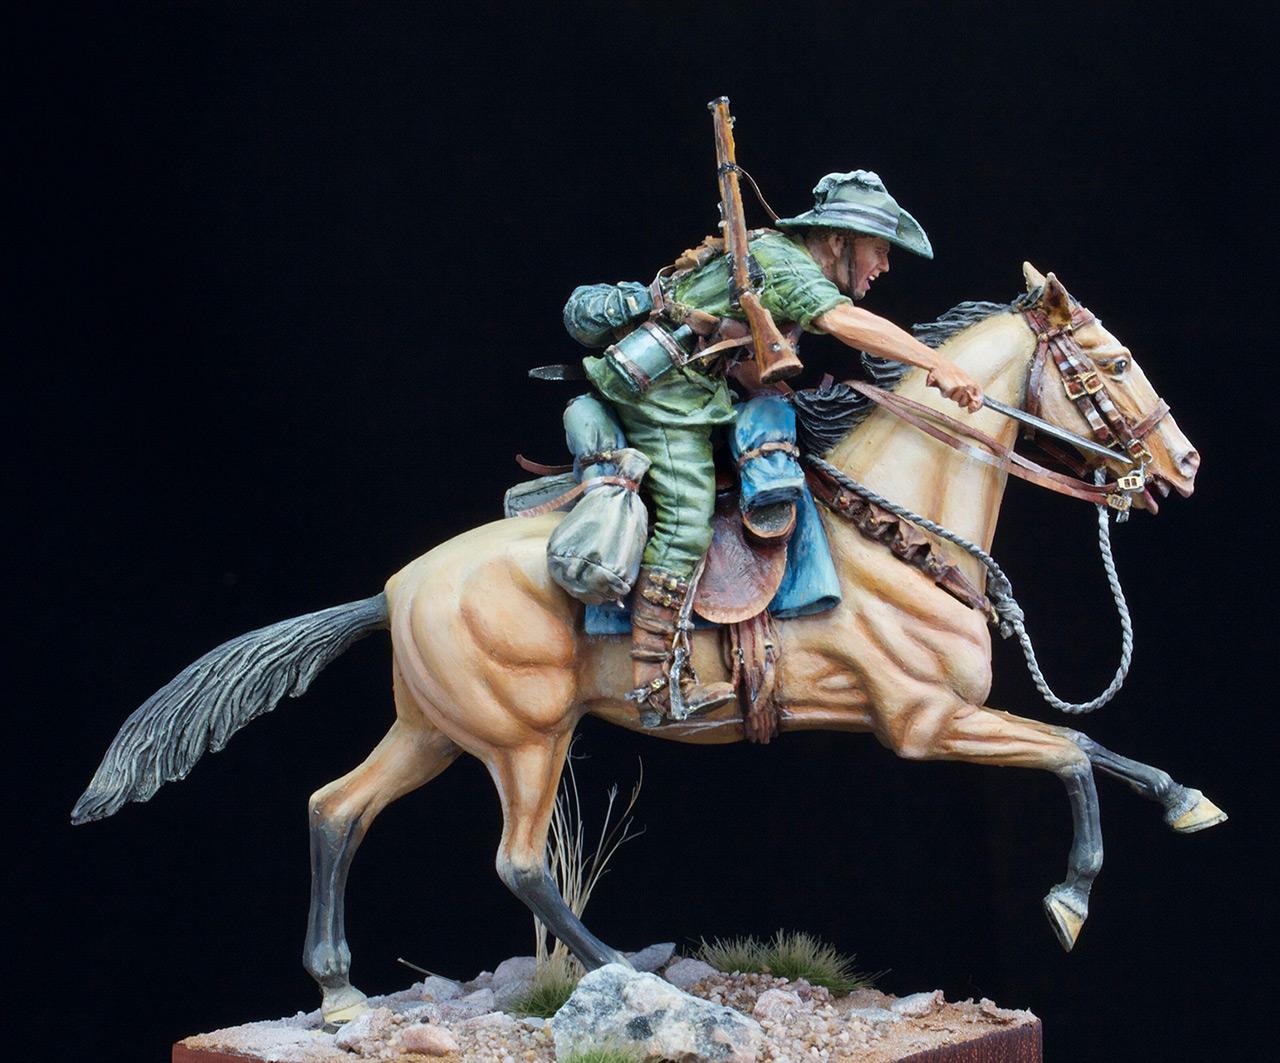 Фигурки: Боец Австралийской легкой кавалерии, Первая Мировая война, Беэр-Шева, 1917 год., фото #7